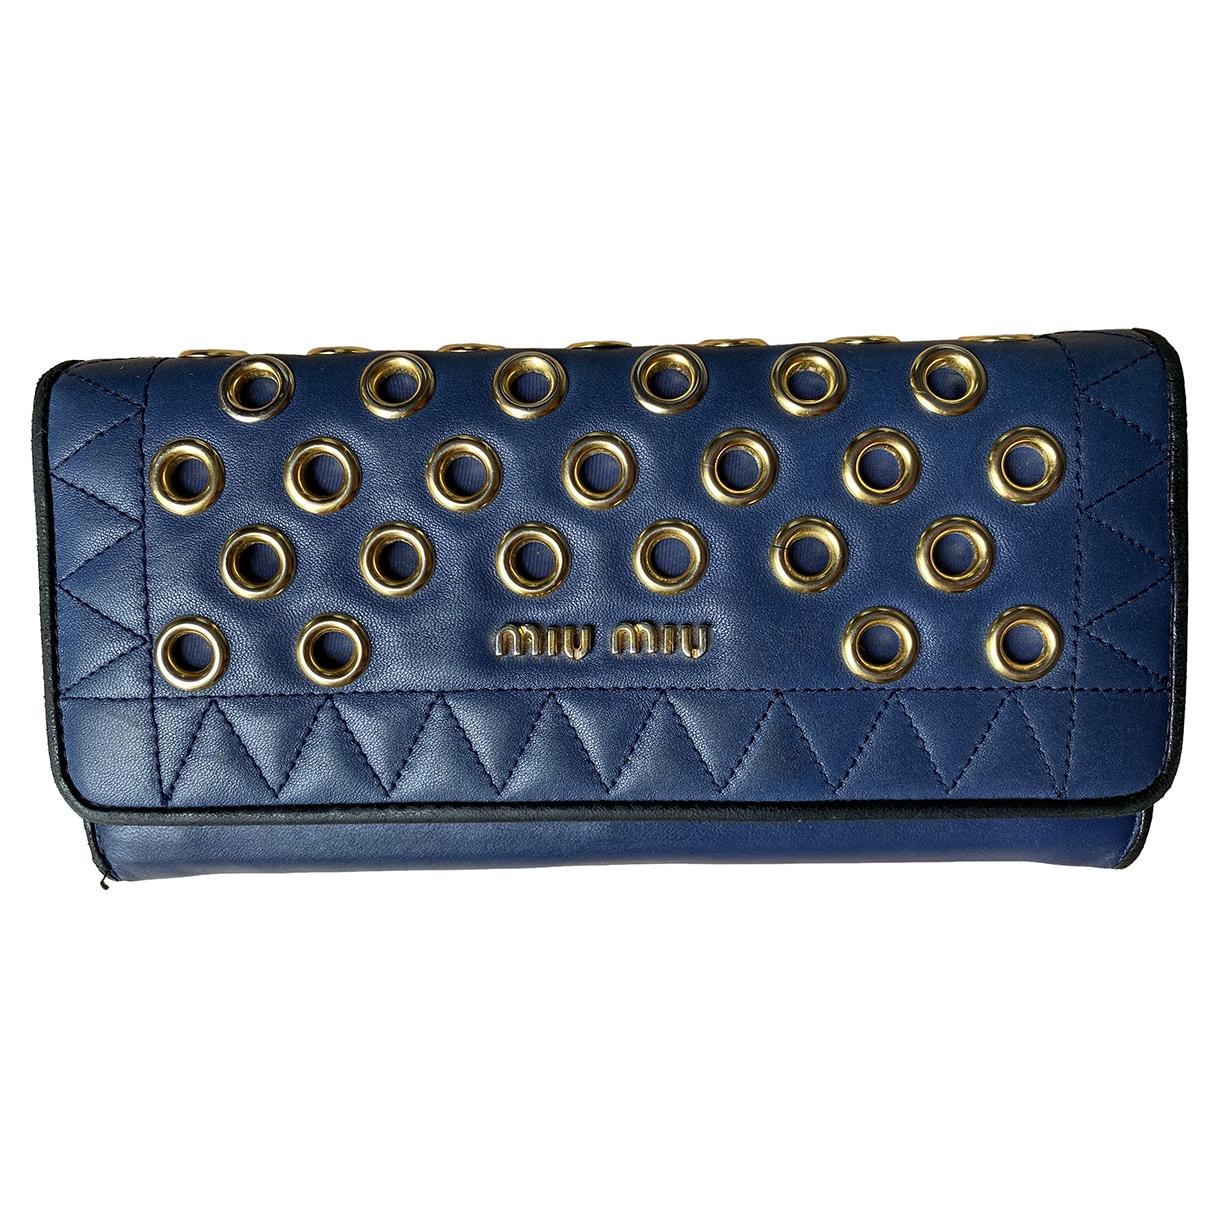 Miu Miu \N Portemonnaie in  Blau Leder